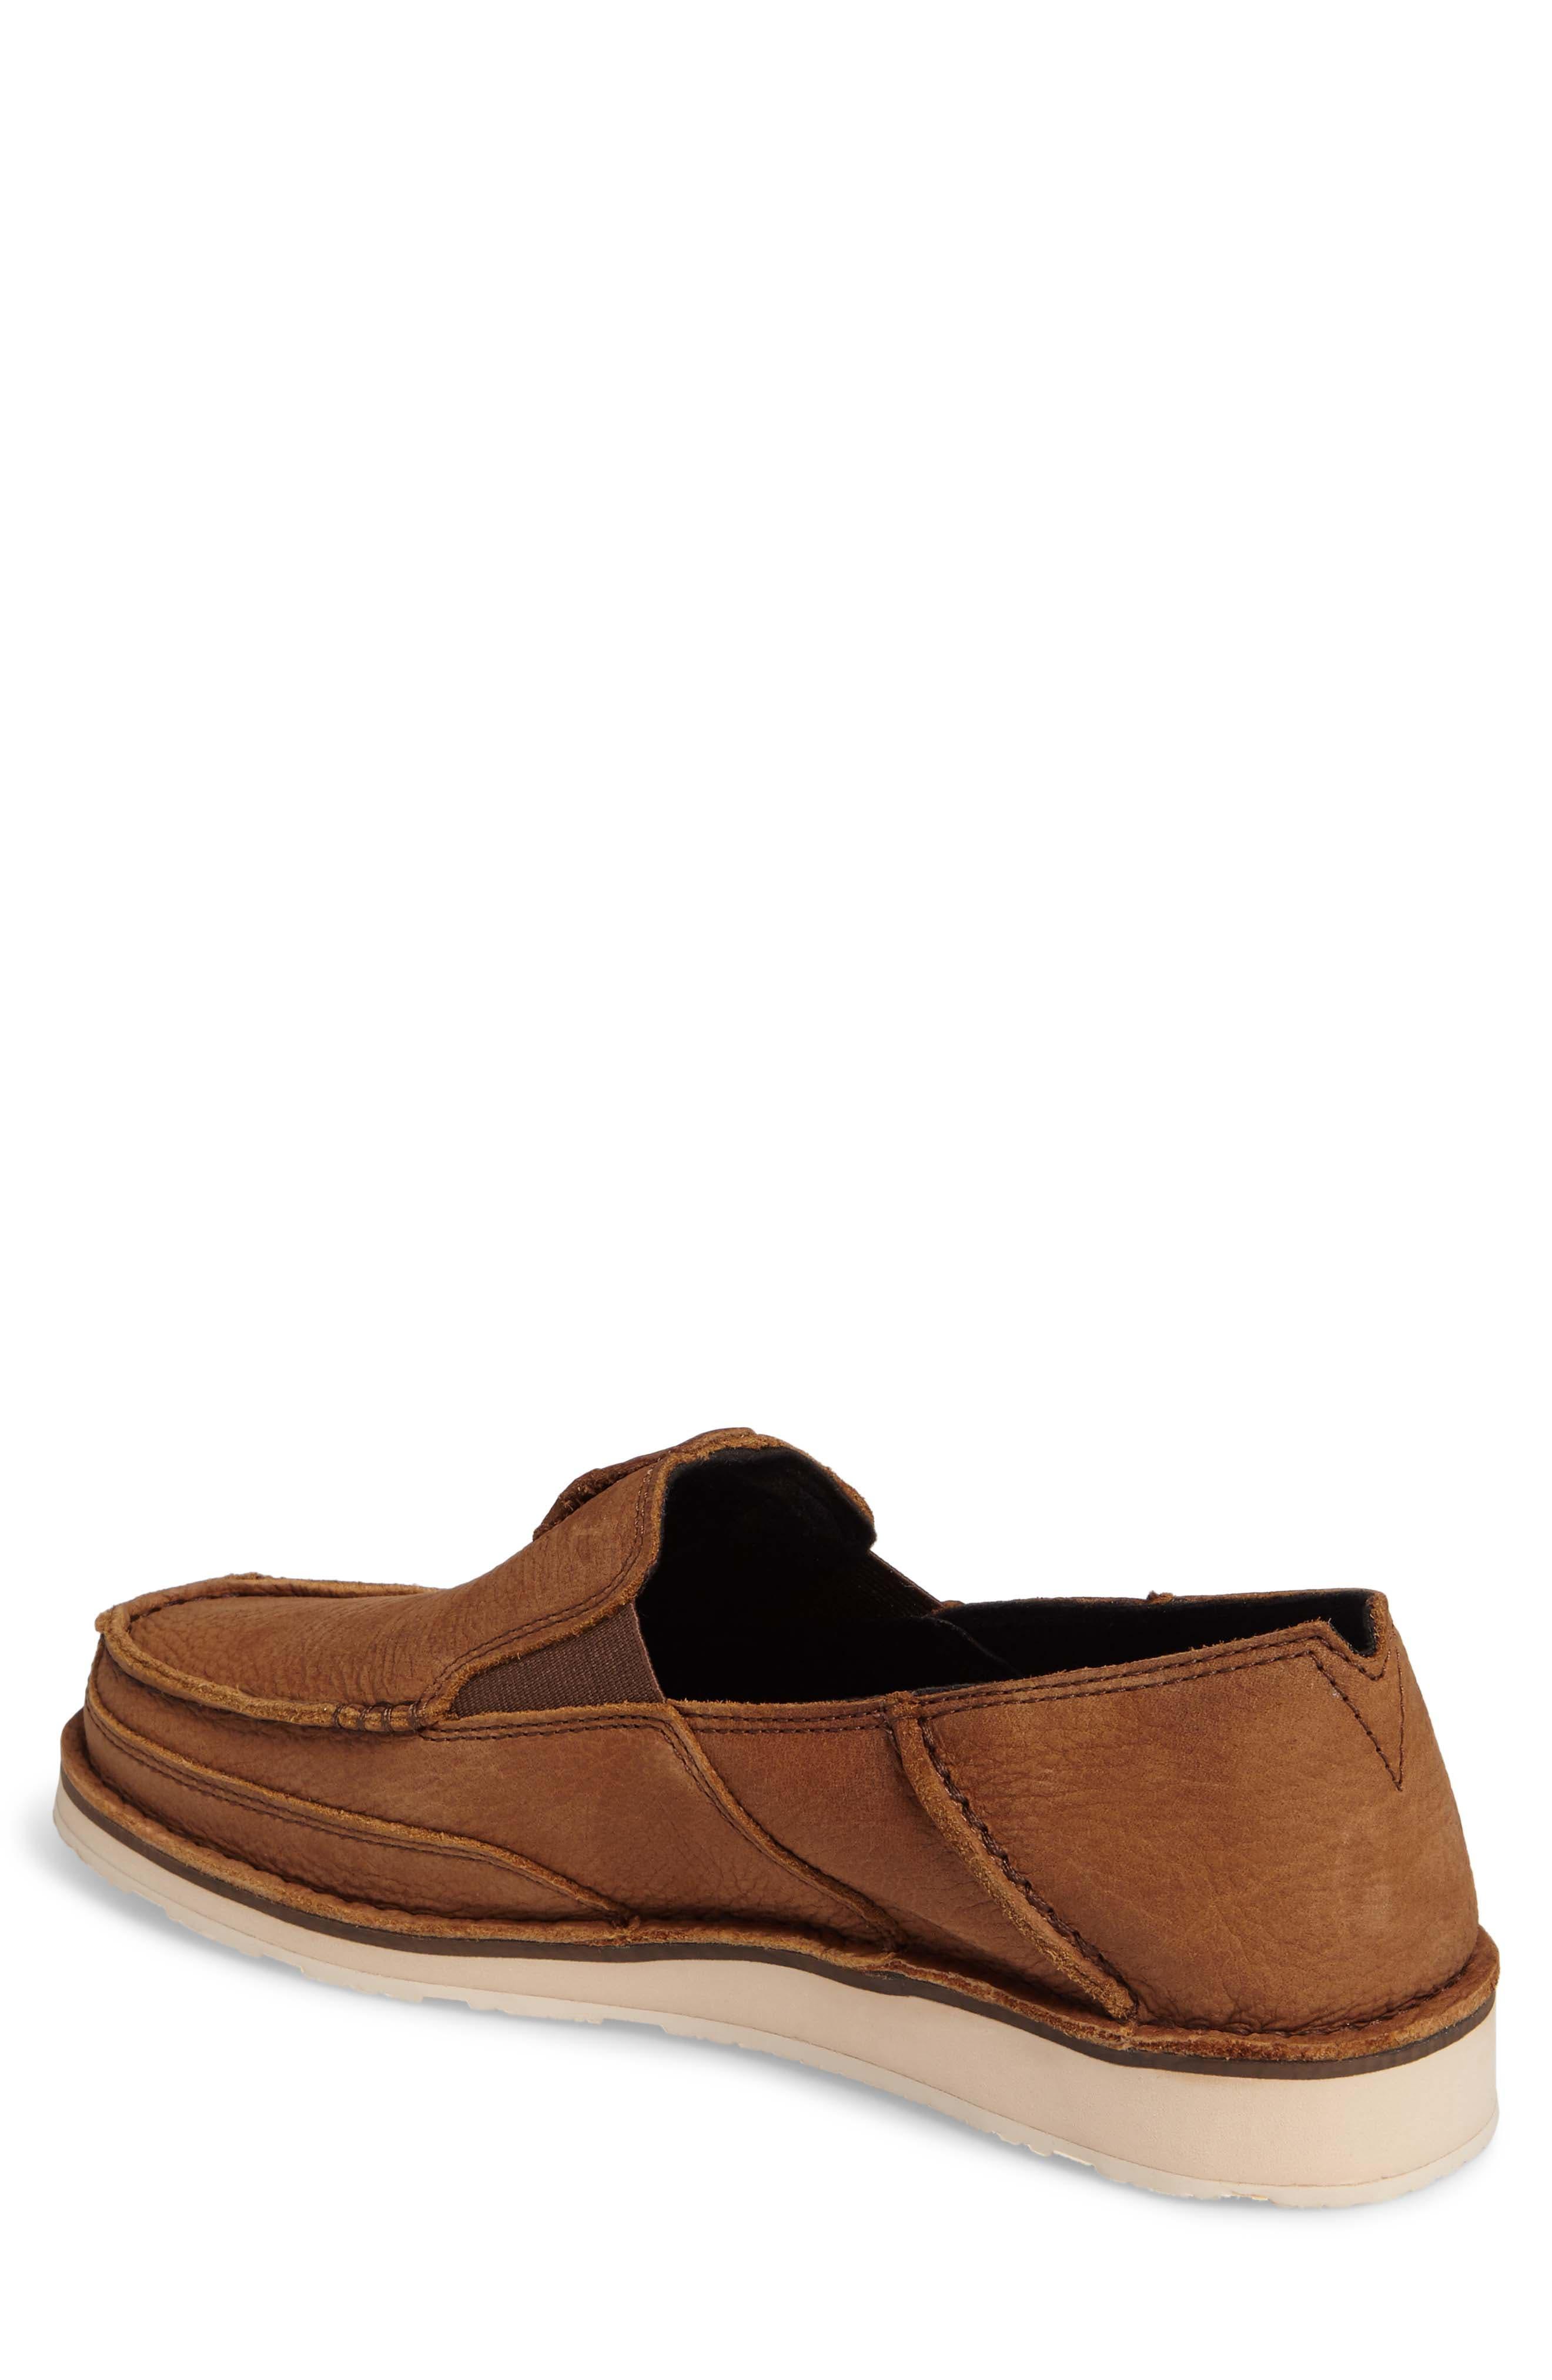 'Cruiser' Slip-On,                             Alternate thumbnail 2, color,                             Aged Bark Leather